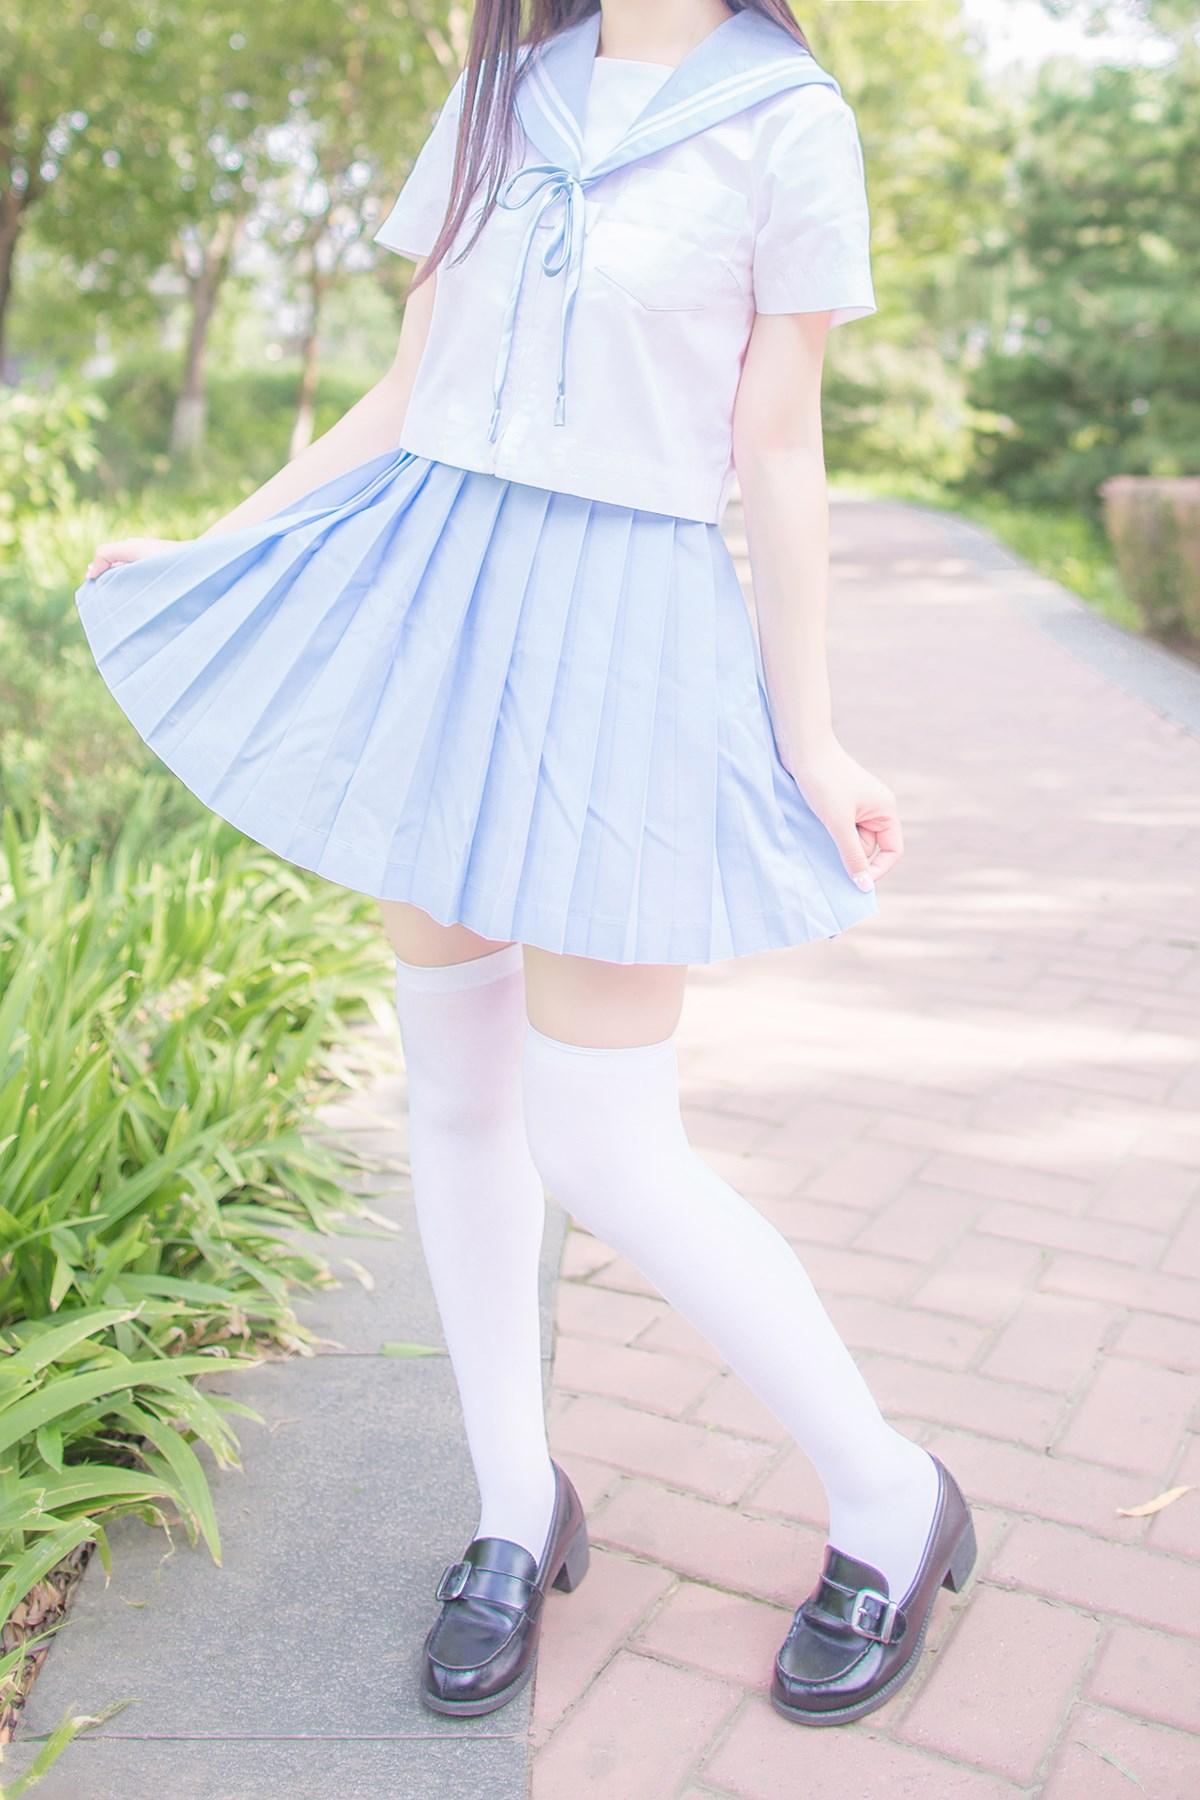 【兔玩映画】水手服 兔玩映画 第17张